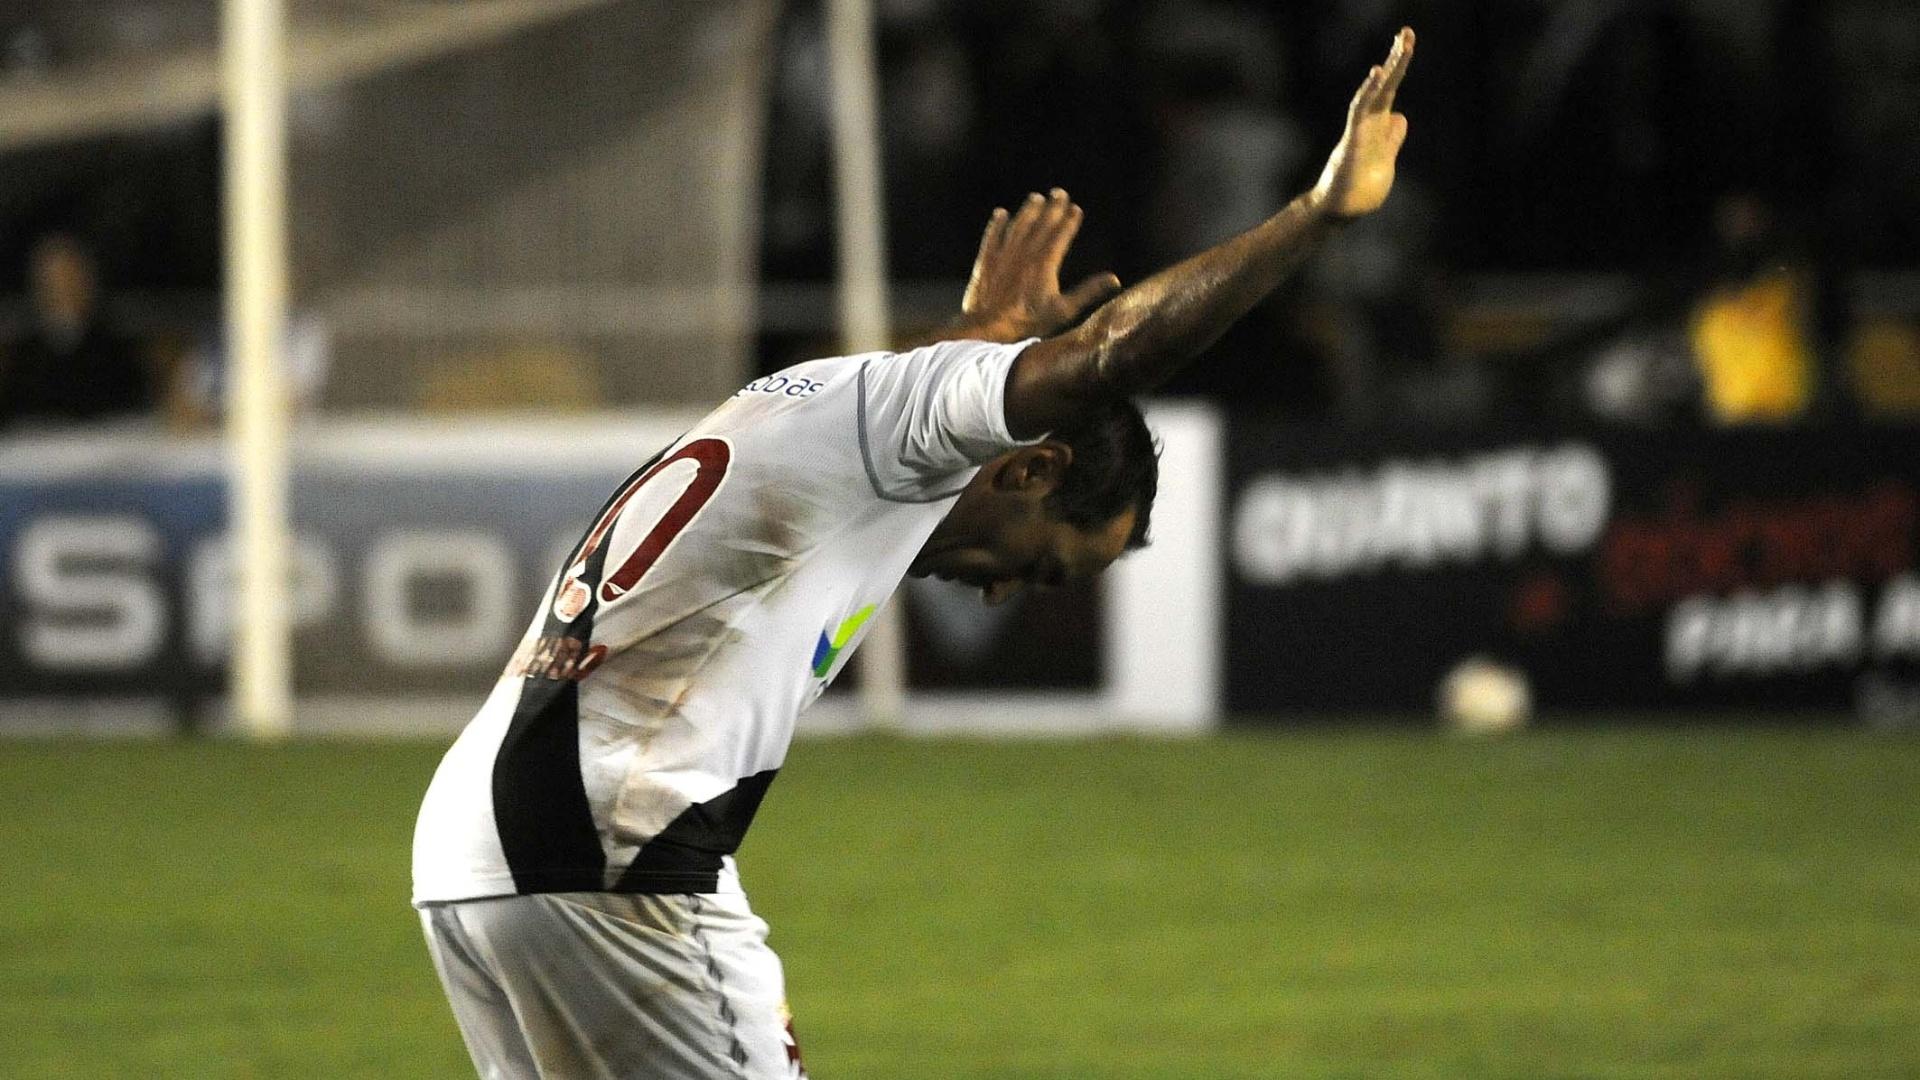 Edmundo comemora depois de marcar no jogo de despedida pelo Vasco, contra o Barcelona (EQU)